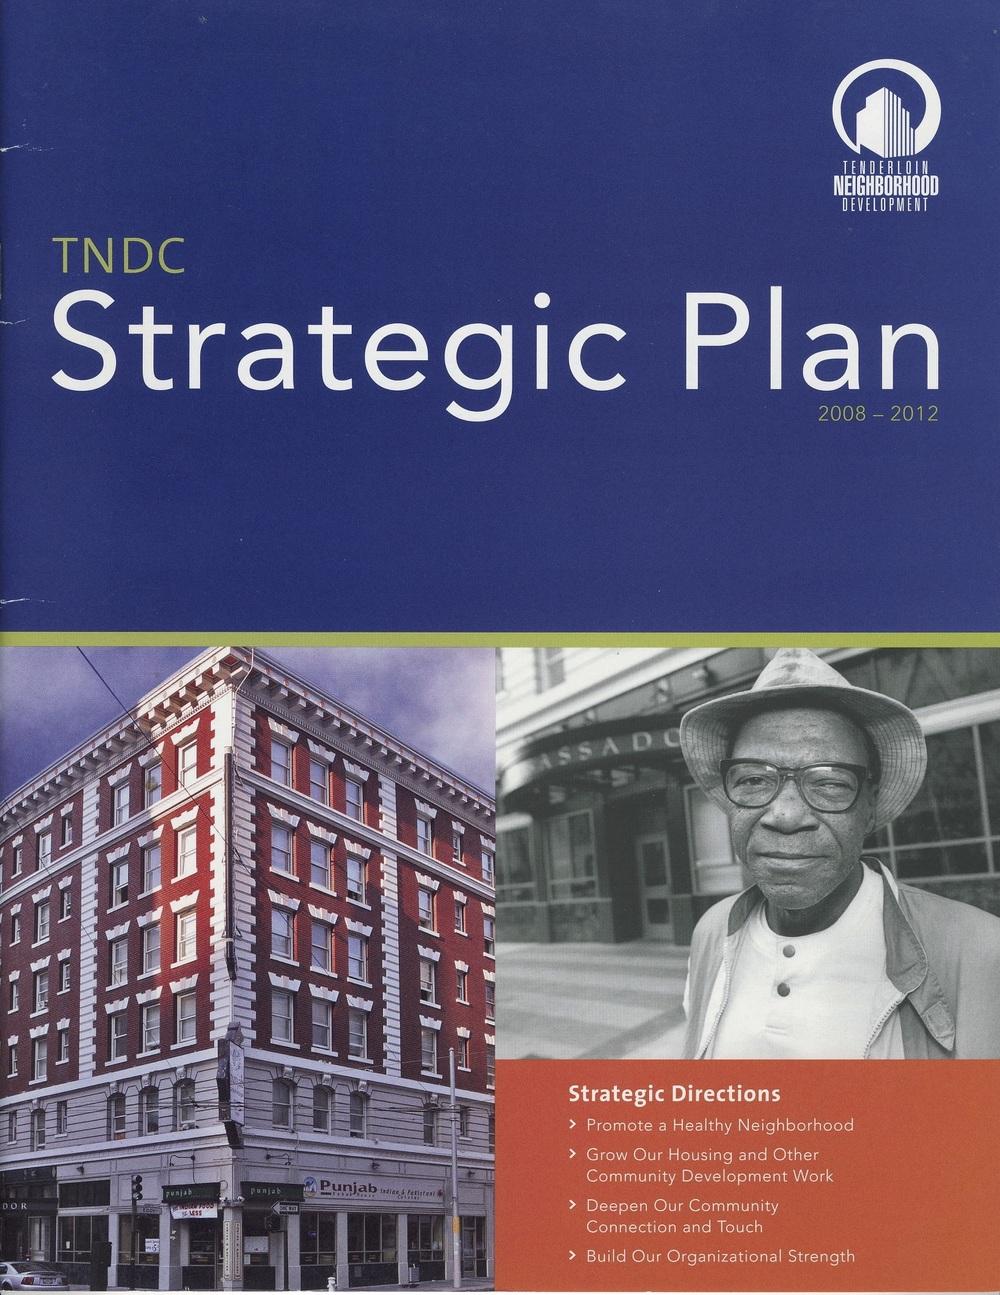 TNDC Strategid Plan cover.jpg